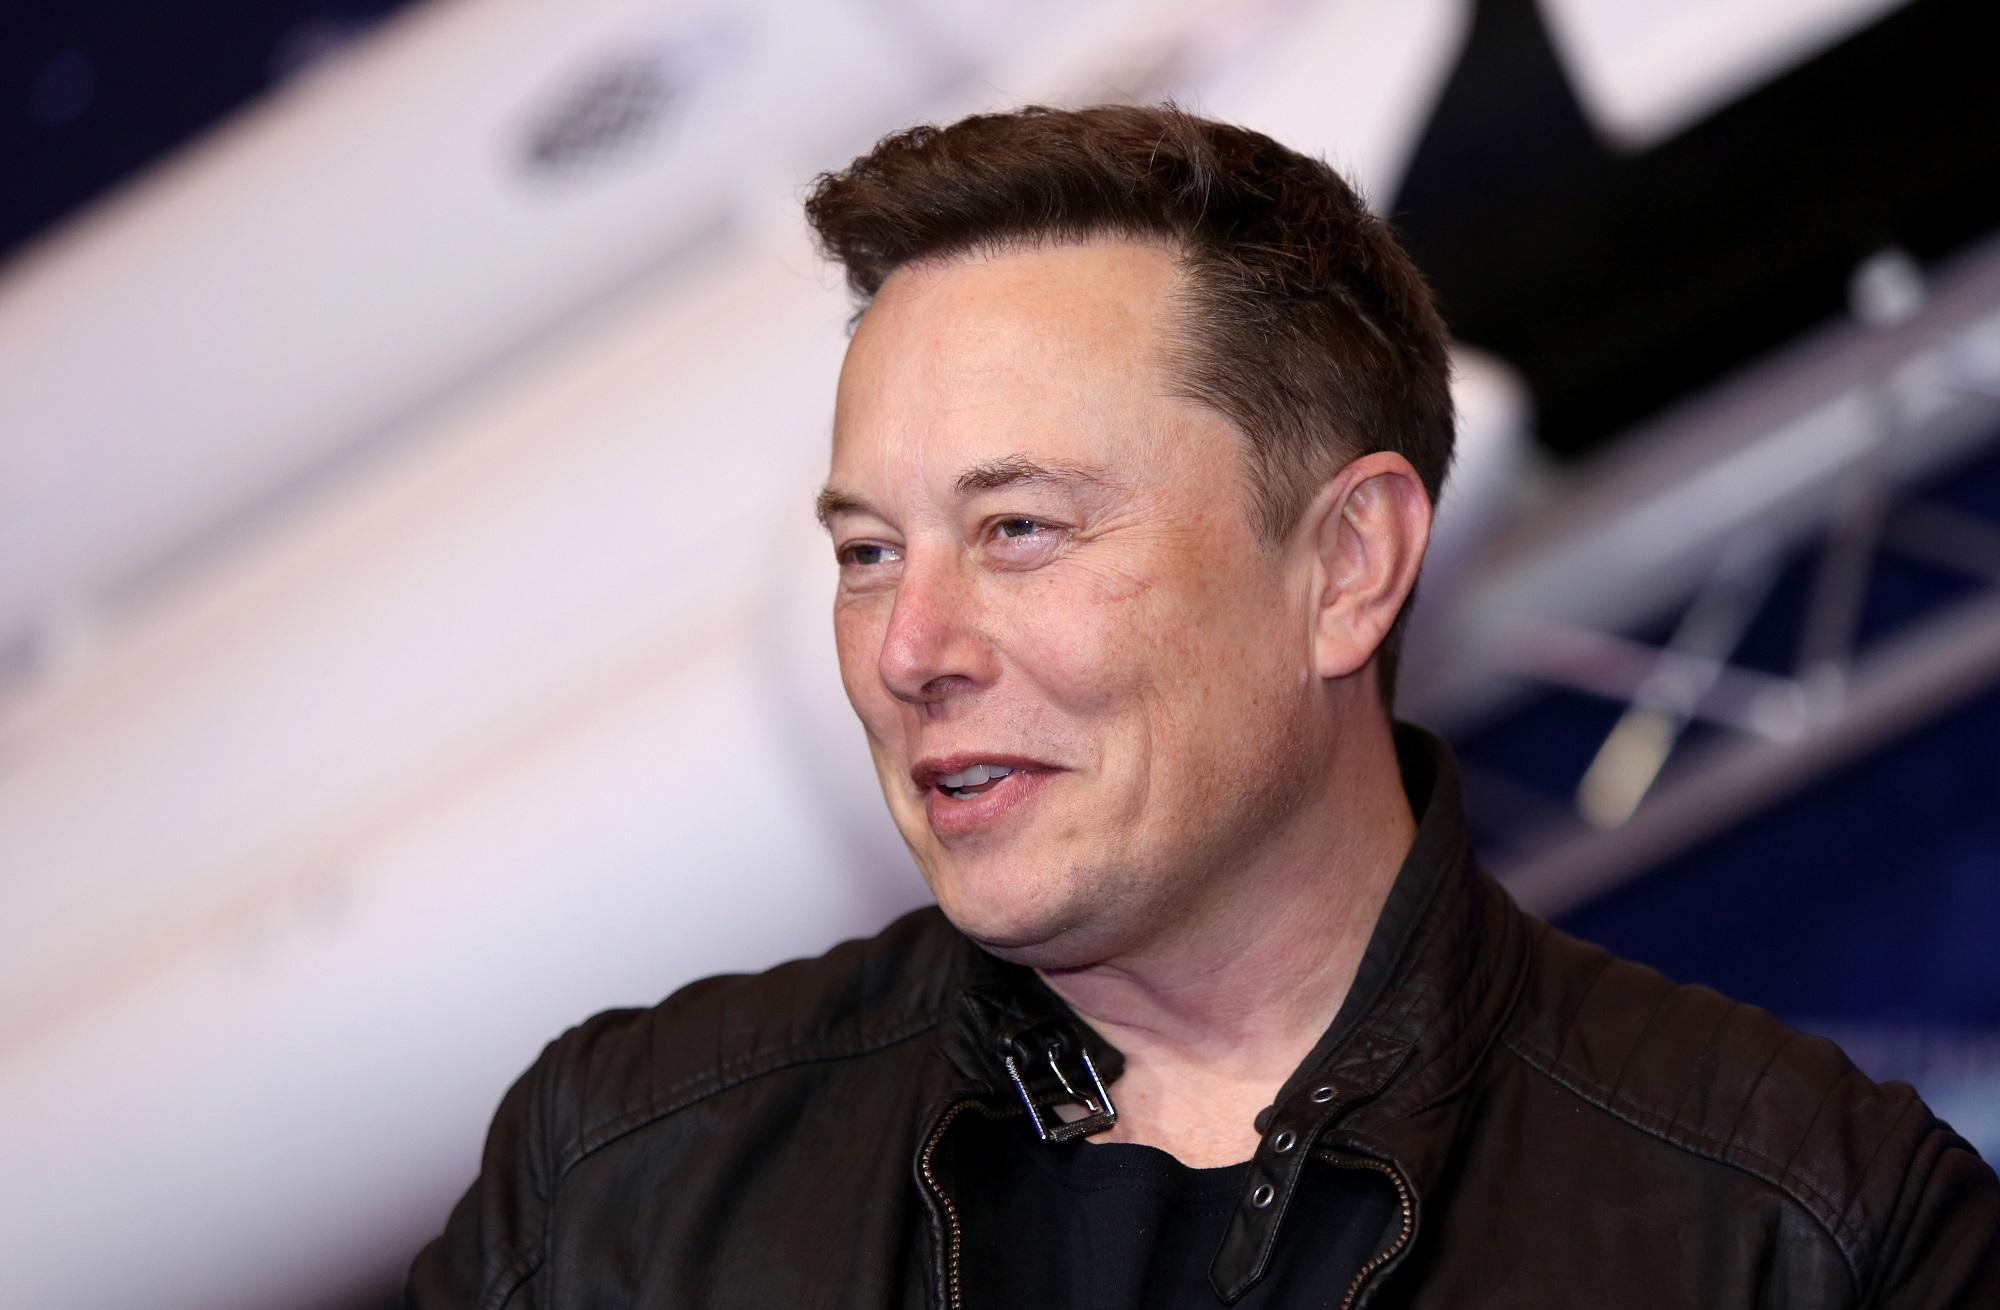 Elon Musk will host SNL on May 8